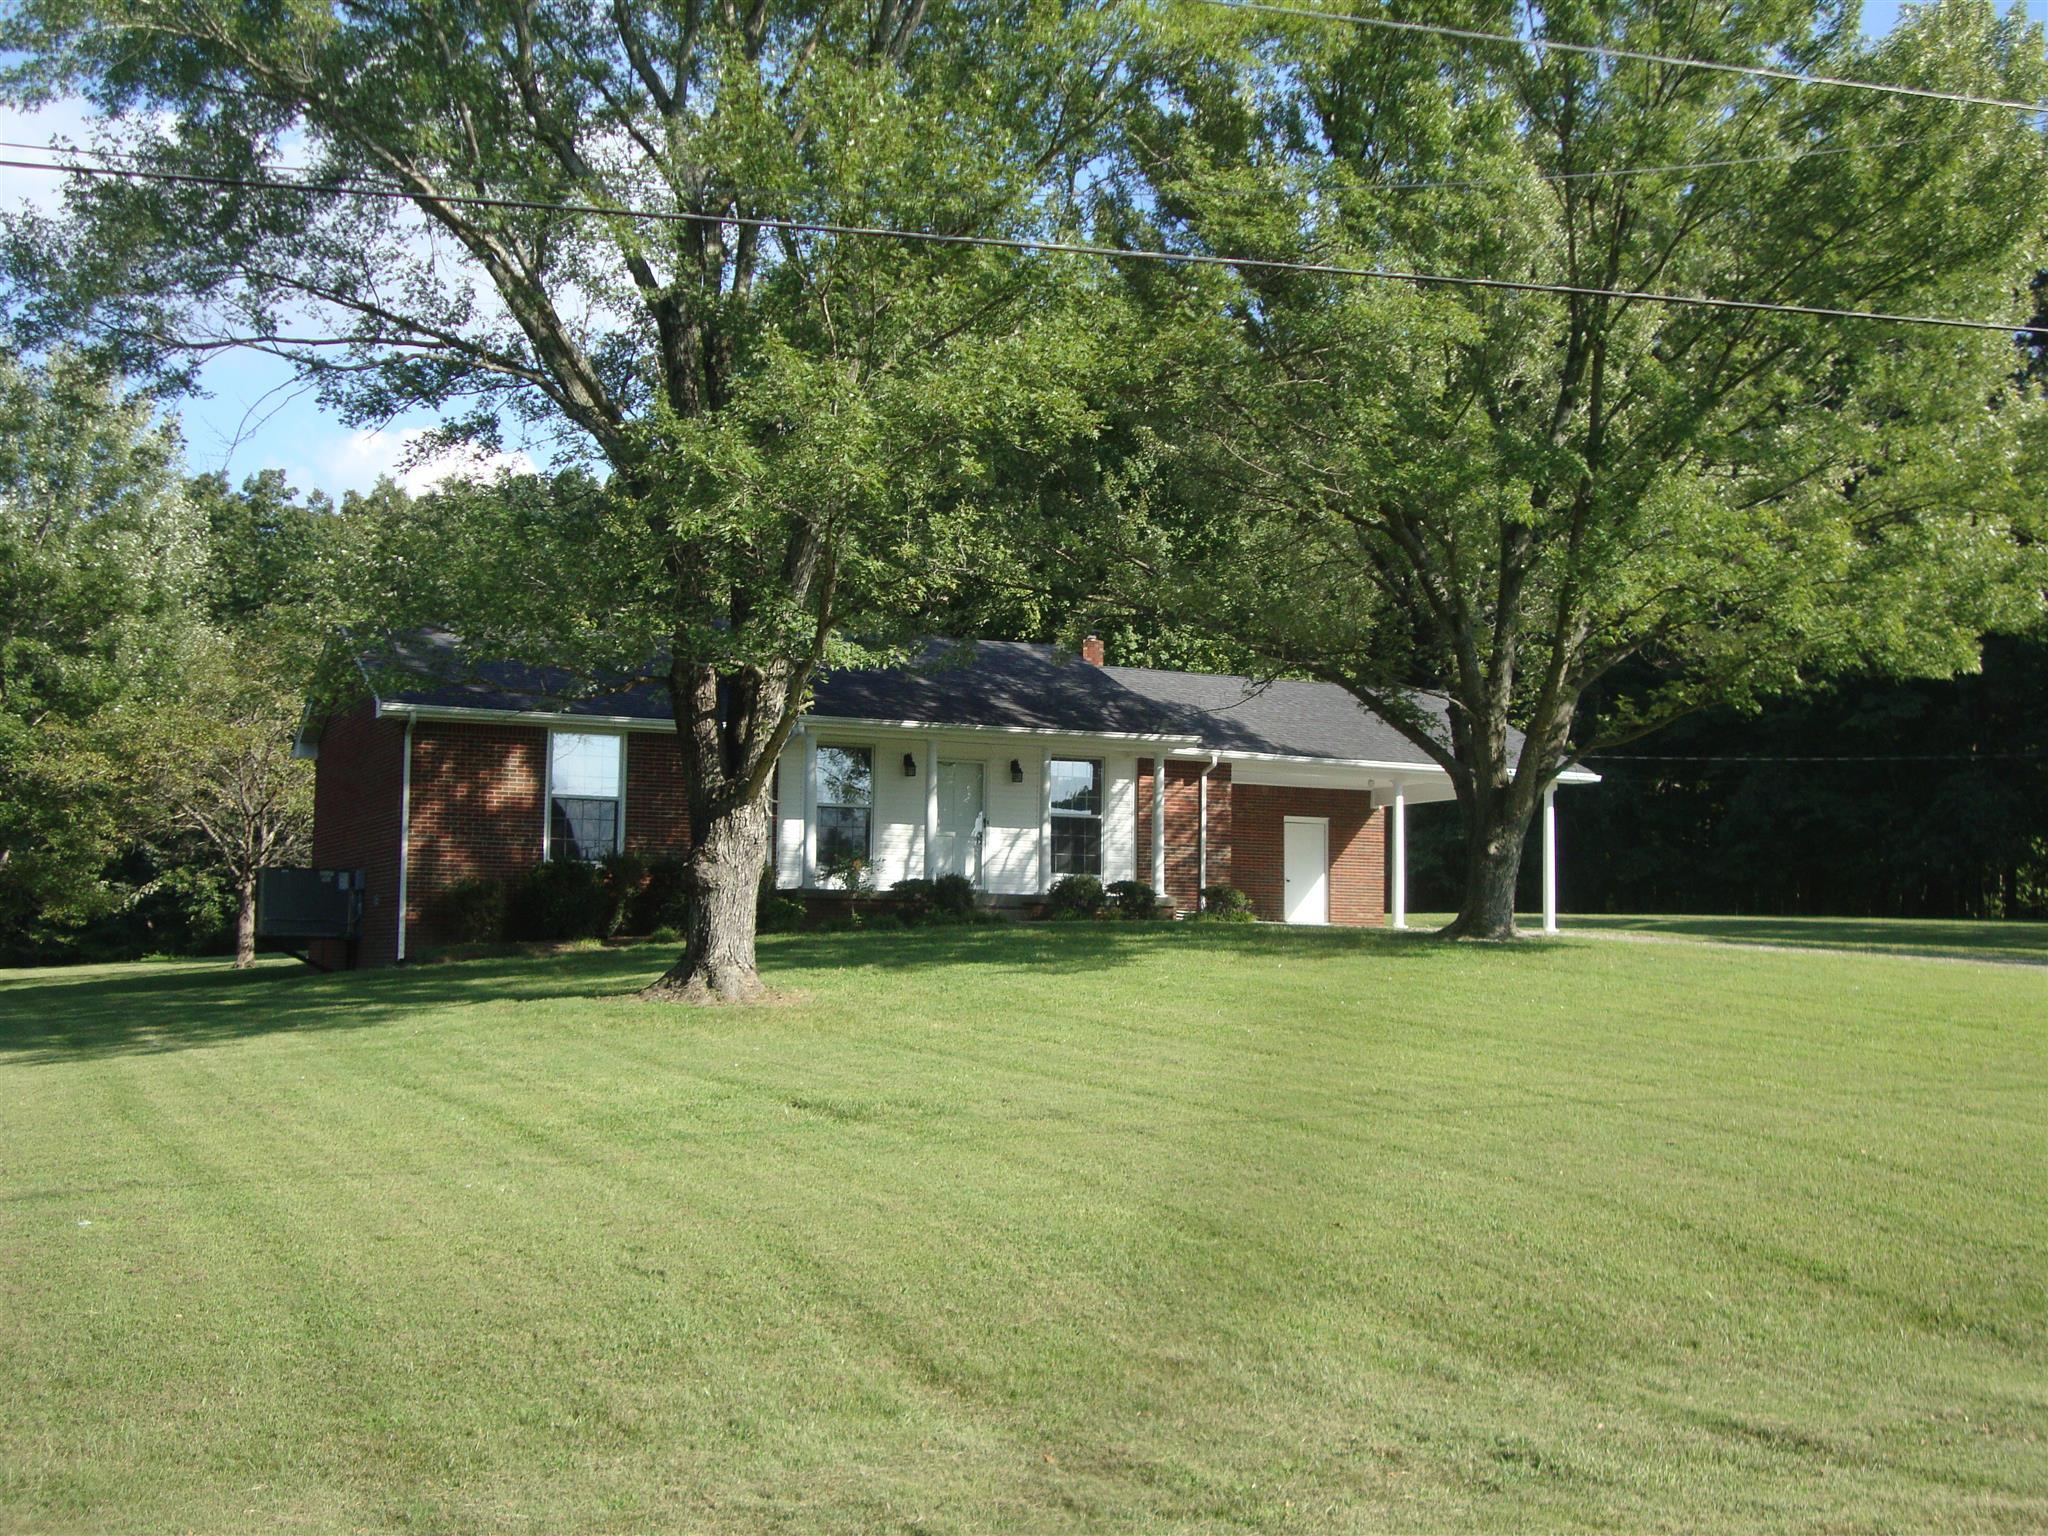 3060 Nicole Rd, Clarksville, TN 37040